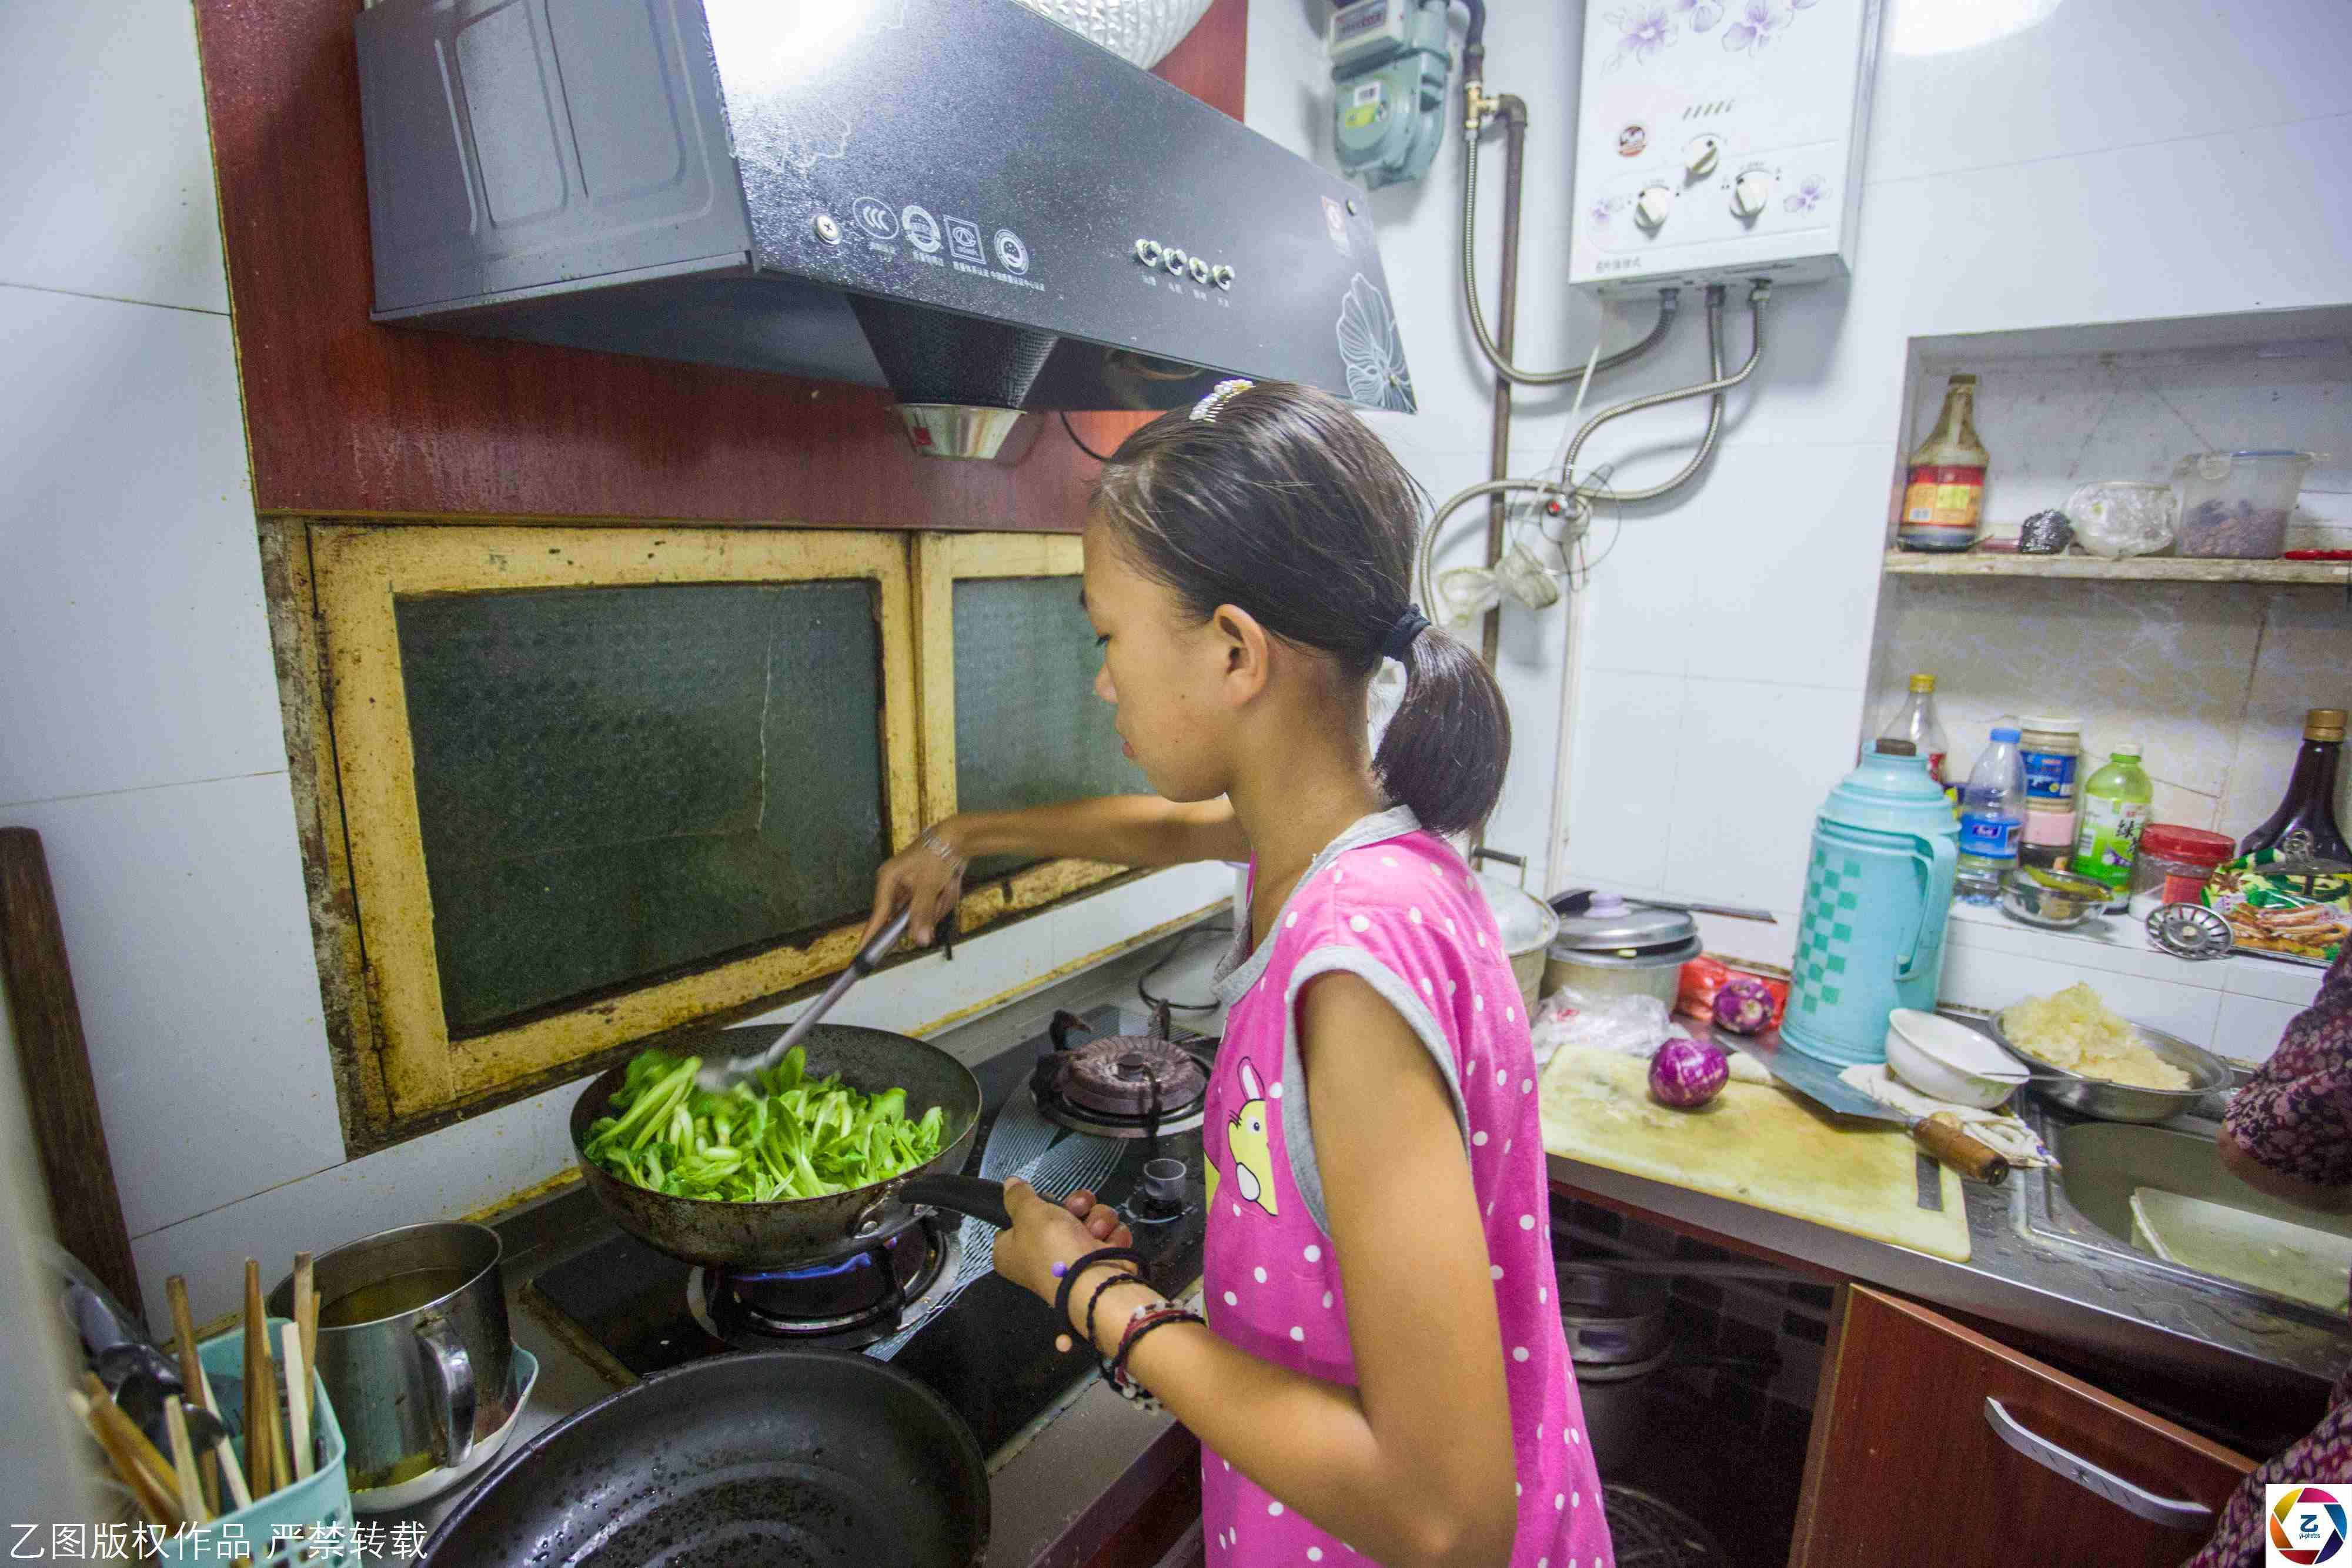 小女孩凌晨5点起床帮奶奶卖菜,每天挣20元